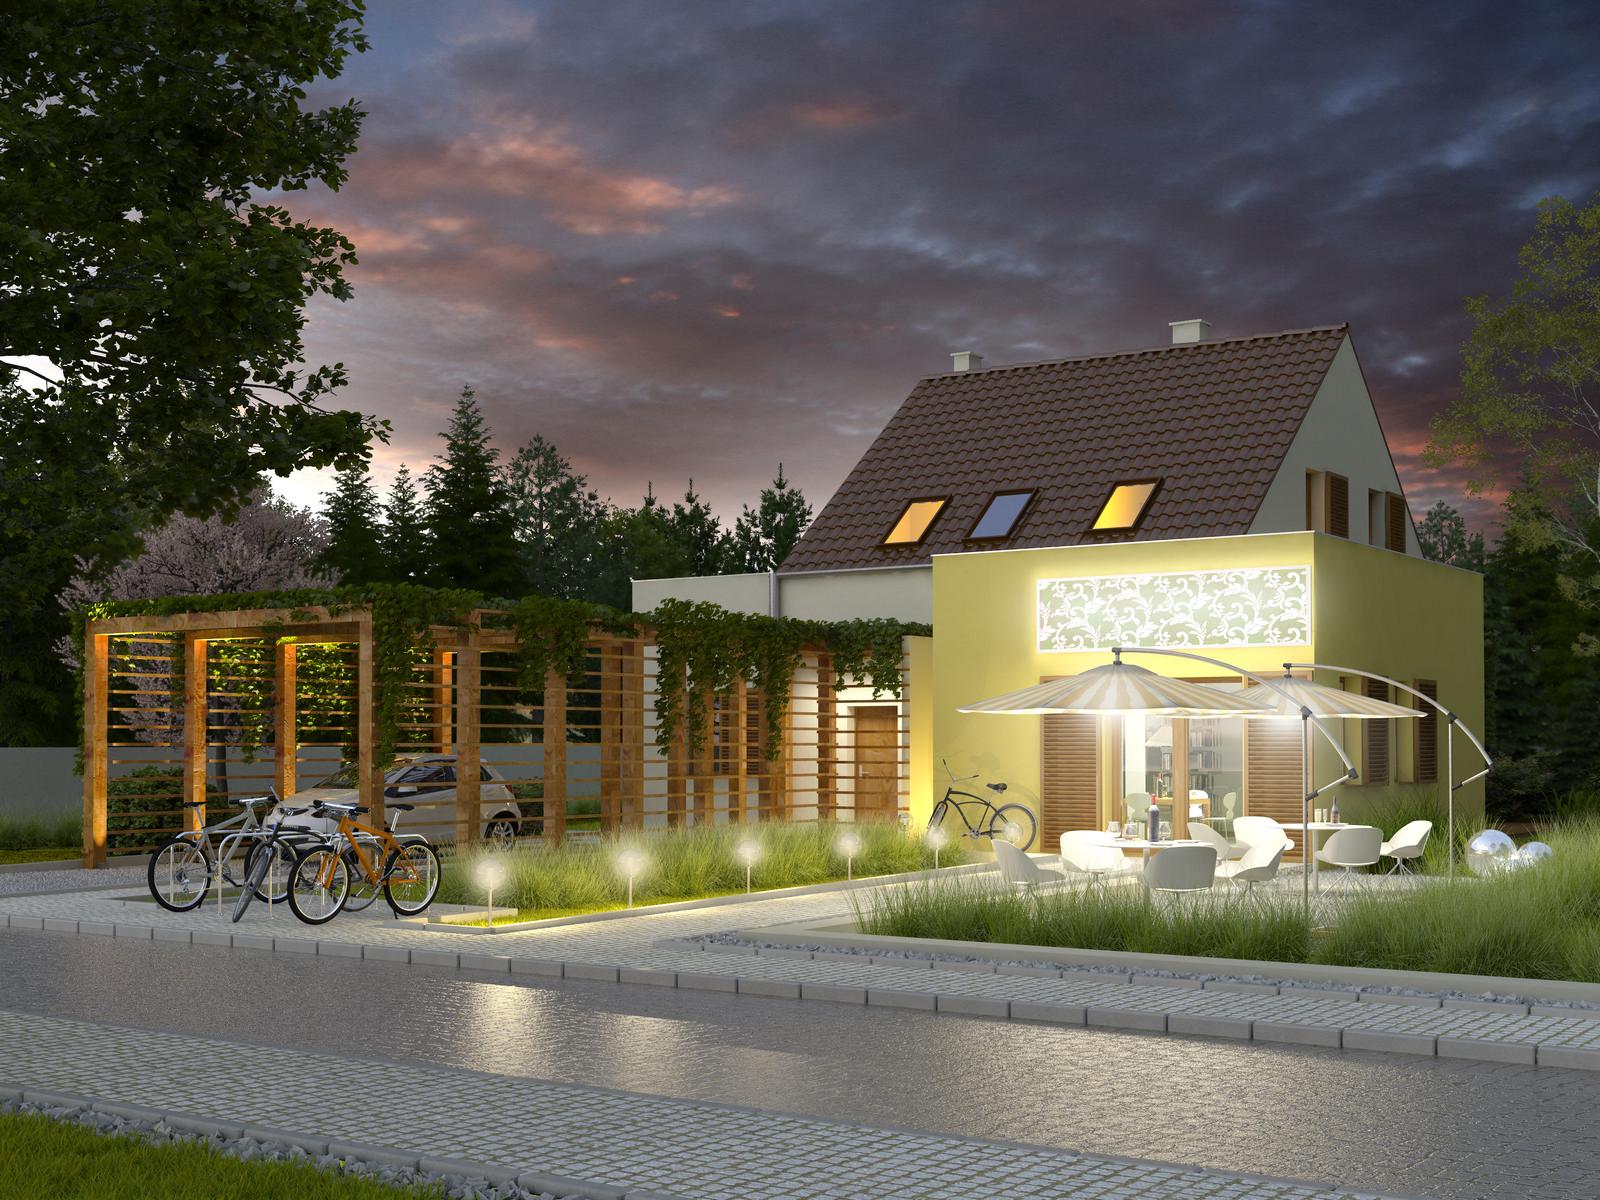 Projekt domu EKOOSTOJA Domy Czystej Energii widok od frontu